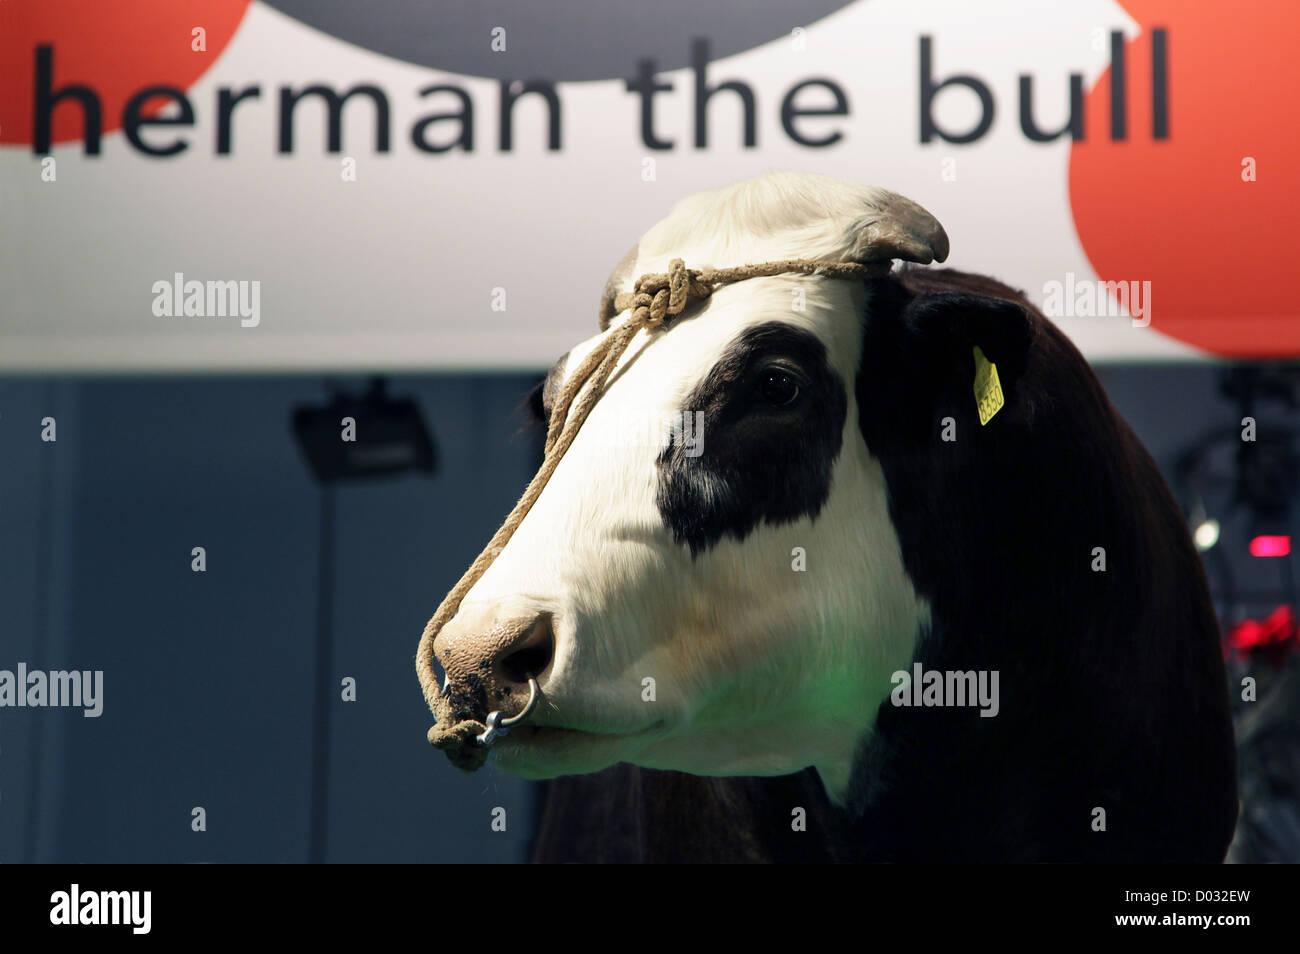 Herman le Bull (1990 - 2004) la première ou génétiquement modifiés de l'espèce bovine Photo Stock